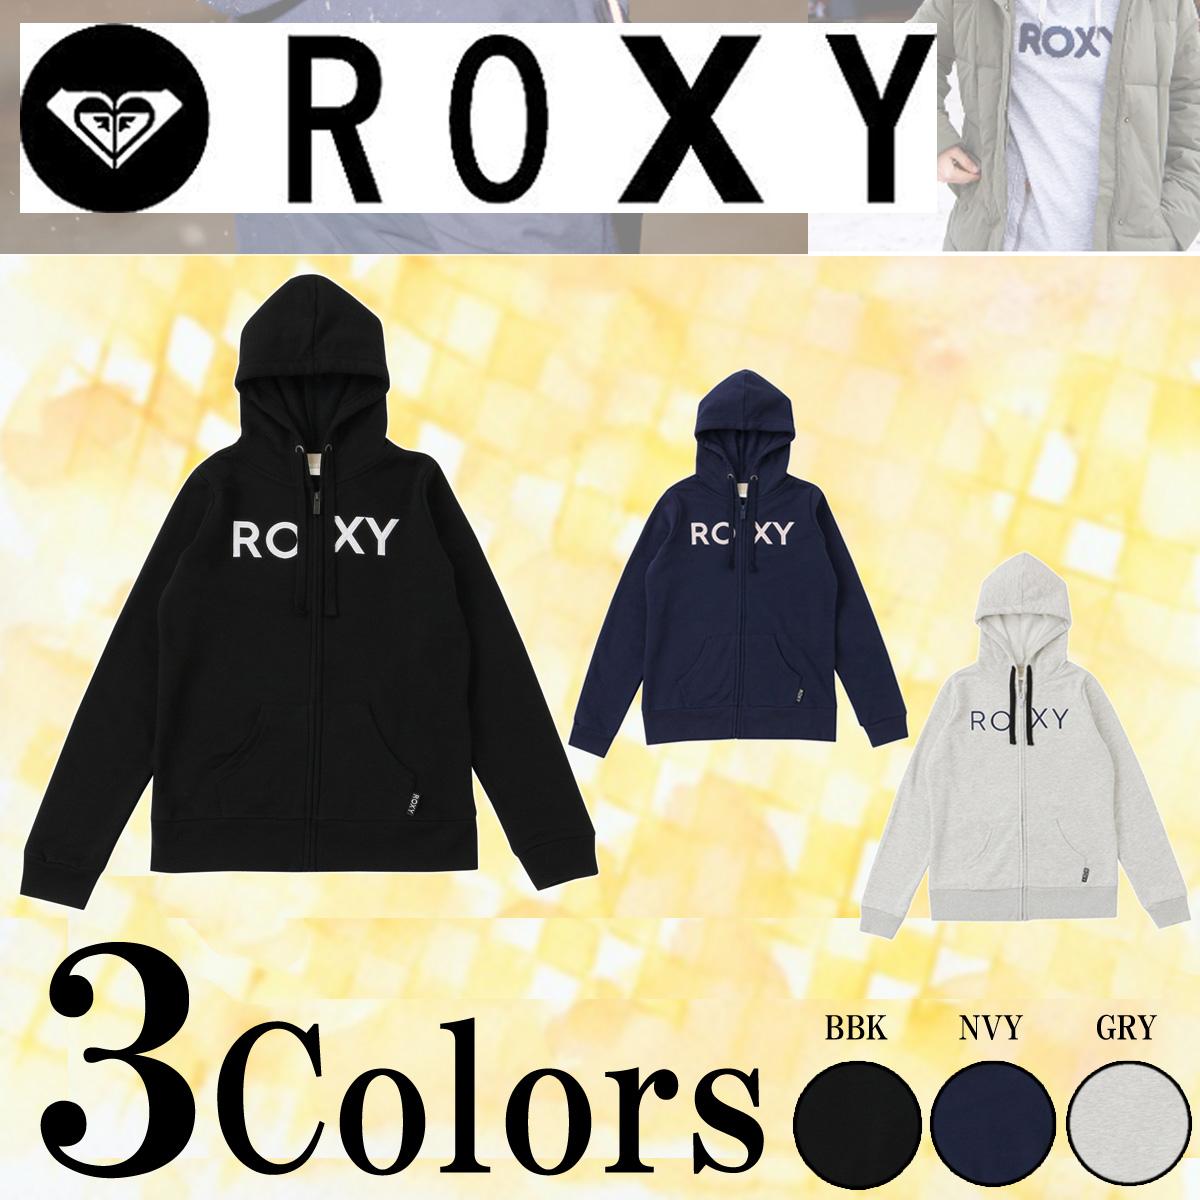 日本正規品 ROXY ロキシー品番 RZP184009 2018年モデル パーカー 即日出荷R4S3jqLc5A